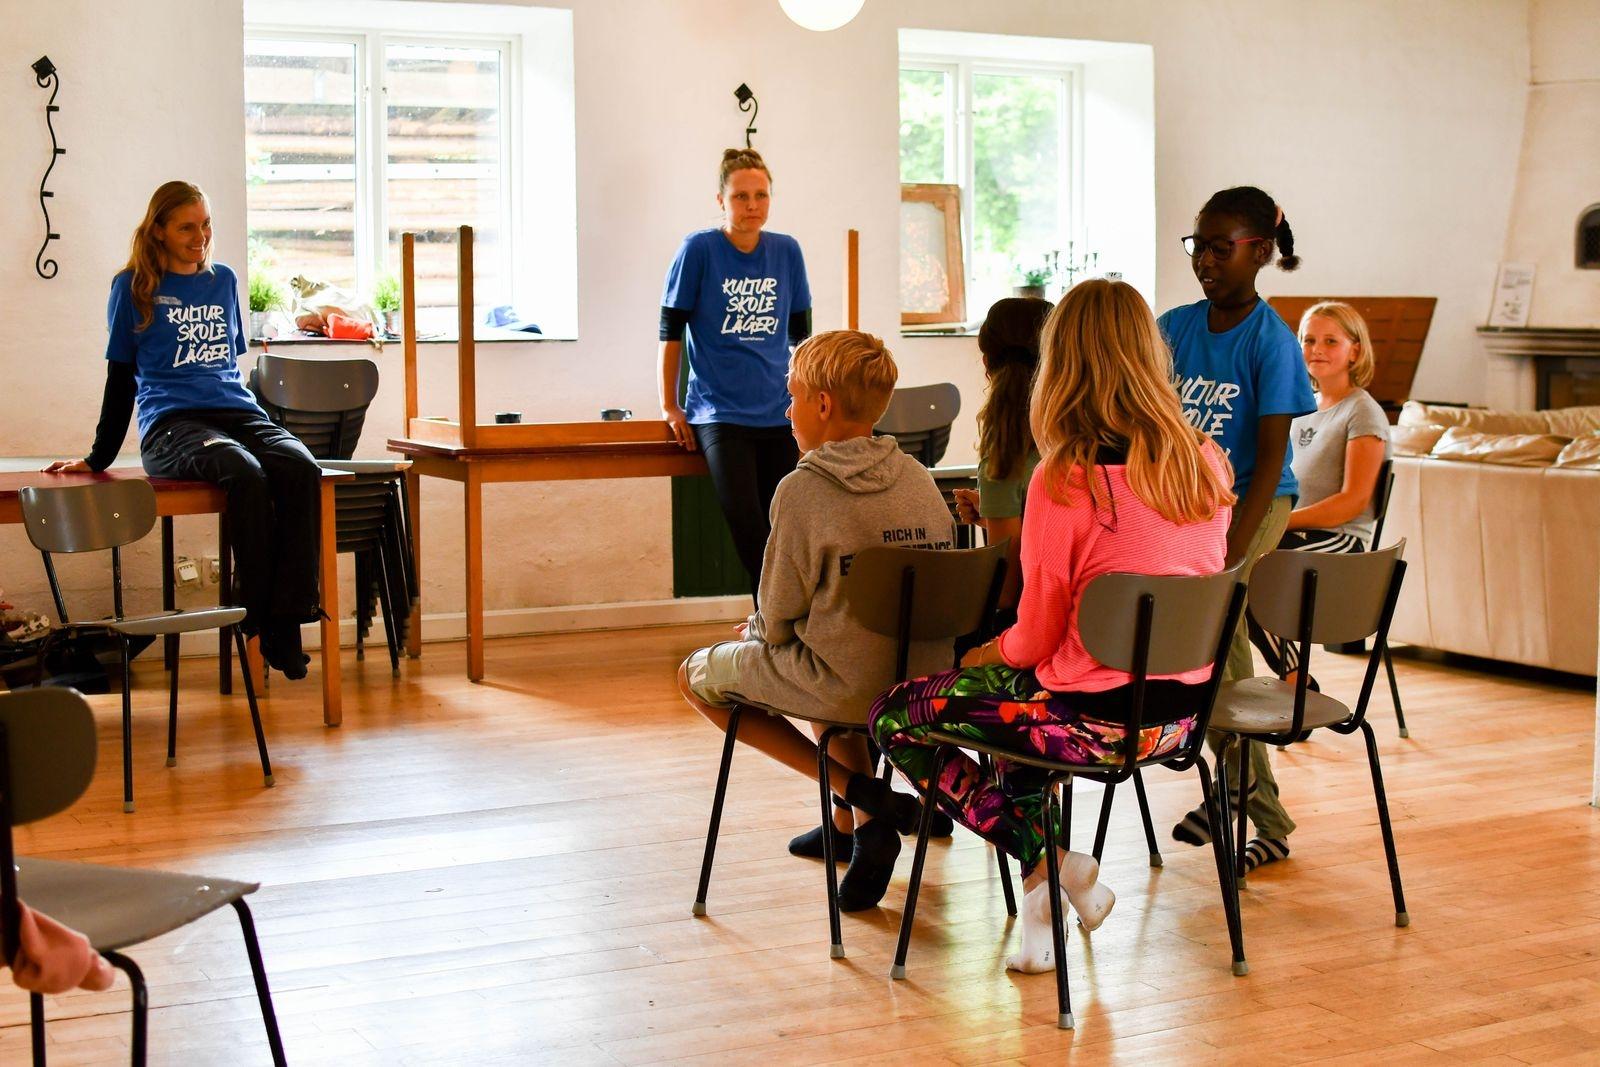 Fyrtio elever, i åldrarna 10-15 år, från Kulturskolans ordinarie verksamhet deltog i lägret. Lägerdeltagarna fick bland annat prova på drama under ledning av dramapedagog Freja Norrman.